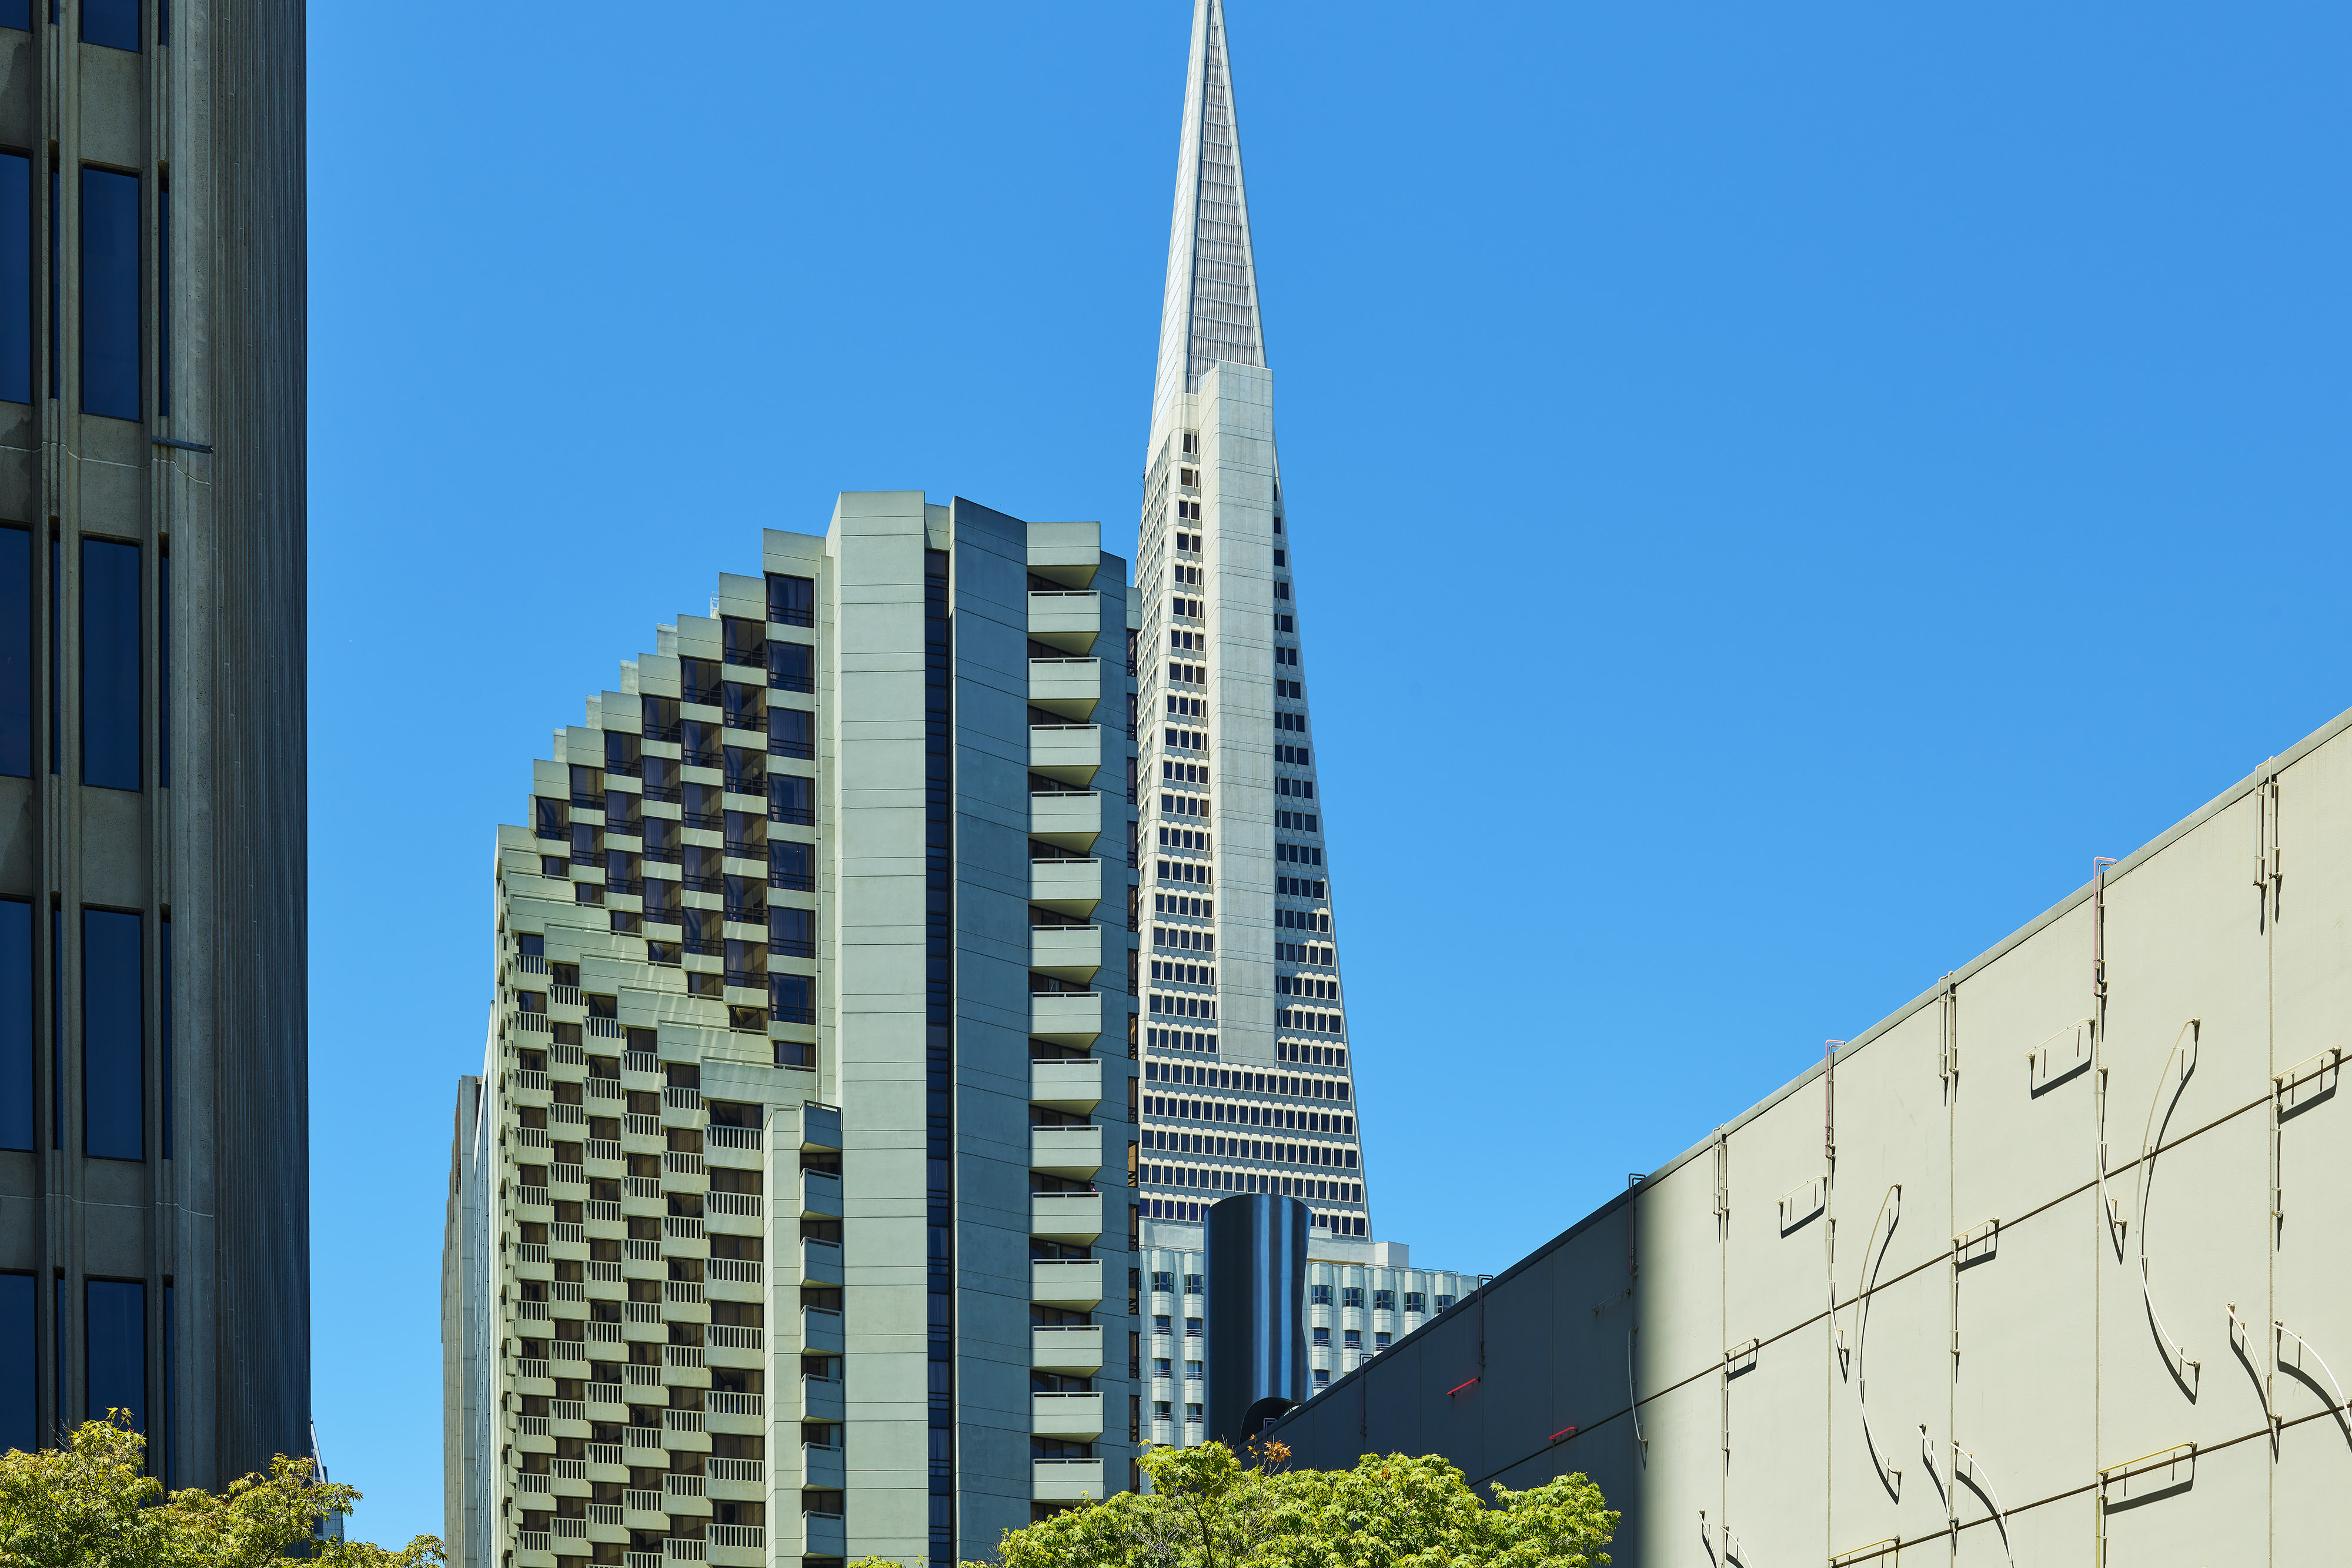 Le Meridien San Francisco